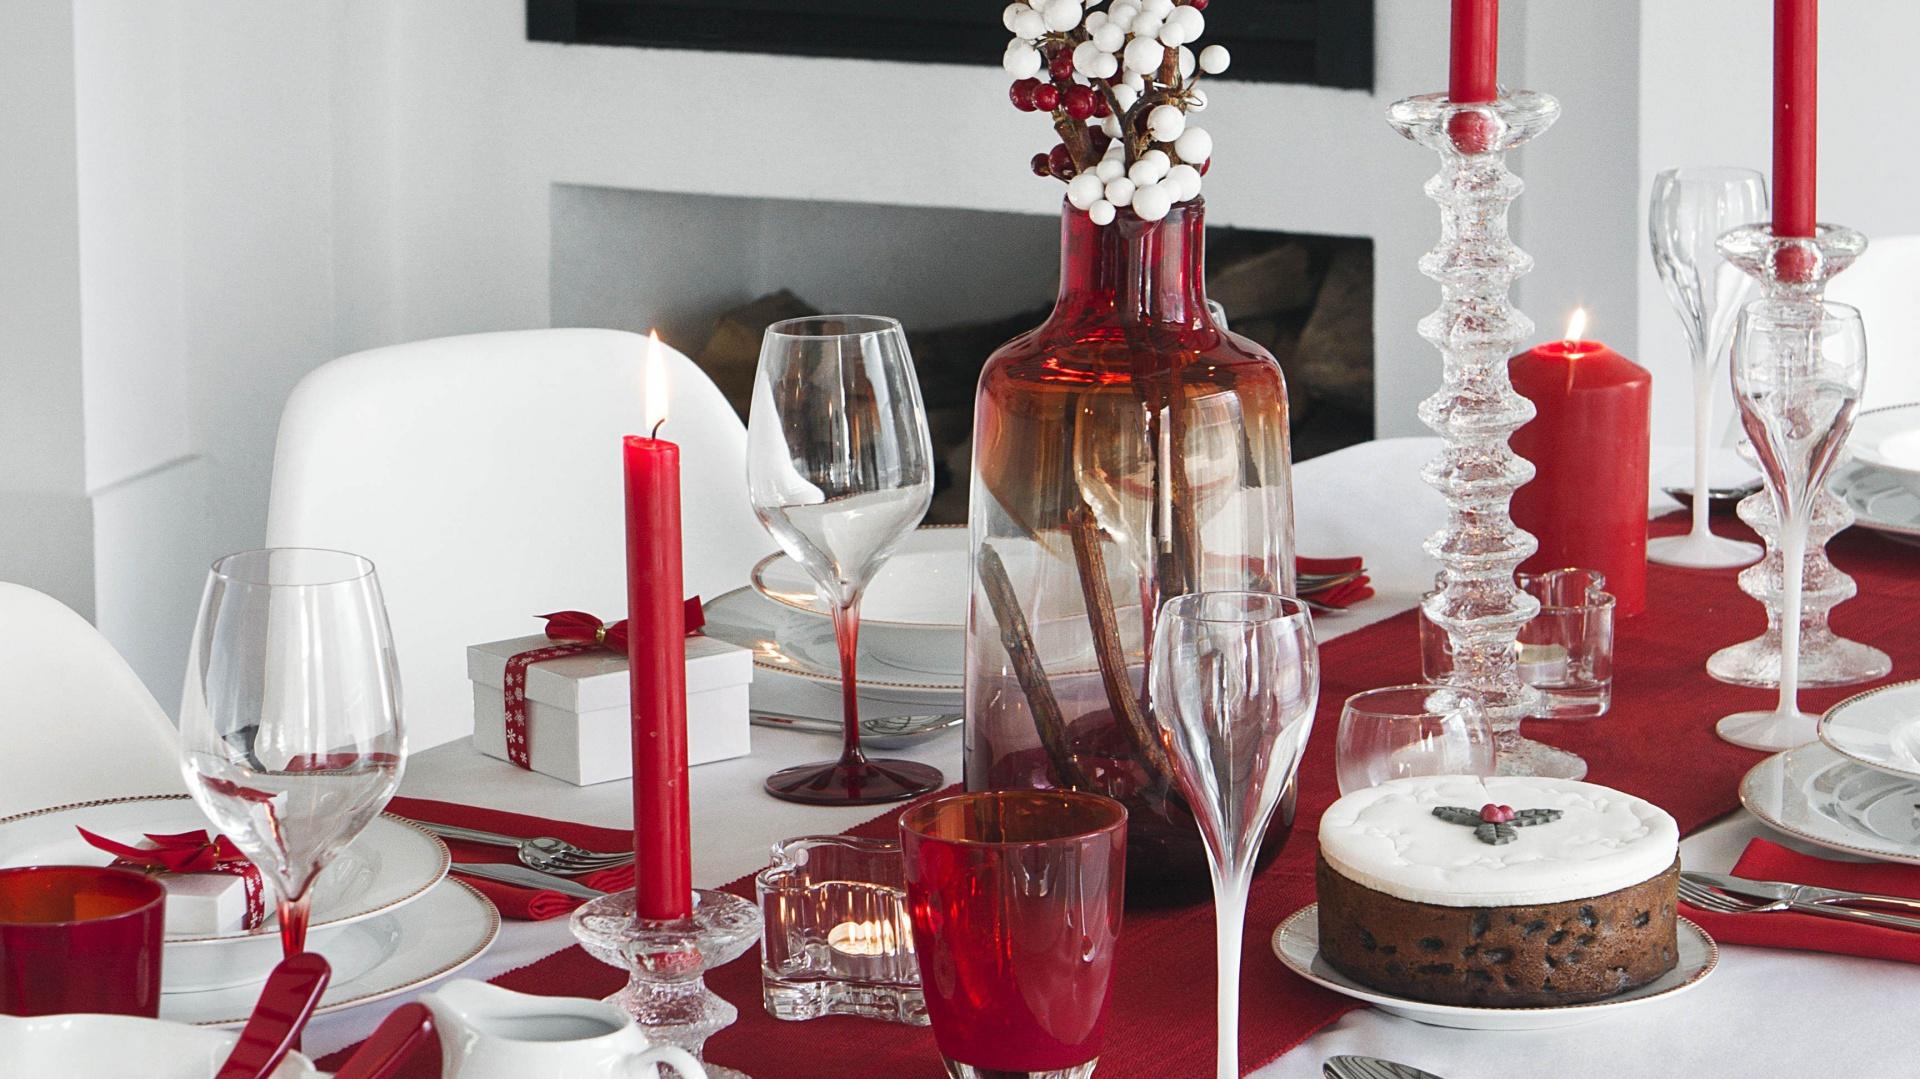 Elegancja i przytulny charakter w jednym. Duet czerwieni i bieli pięknie prezentuje się w formie dekoracji stołu. Blat udekorowany białym obrusem został dodatkowo przykryty czerwonym bieżnikiem, ułożonym wzdłuż stołu. Z białą porcelaną pięknie współgrają czerwone świece i serwetki. Czerwono-białe są również dekoracyjne szklane bazie, będące centrum całej aranżacji. Fot. Amara Home.